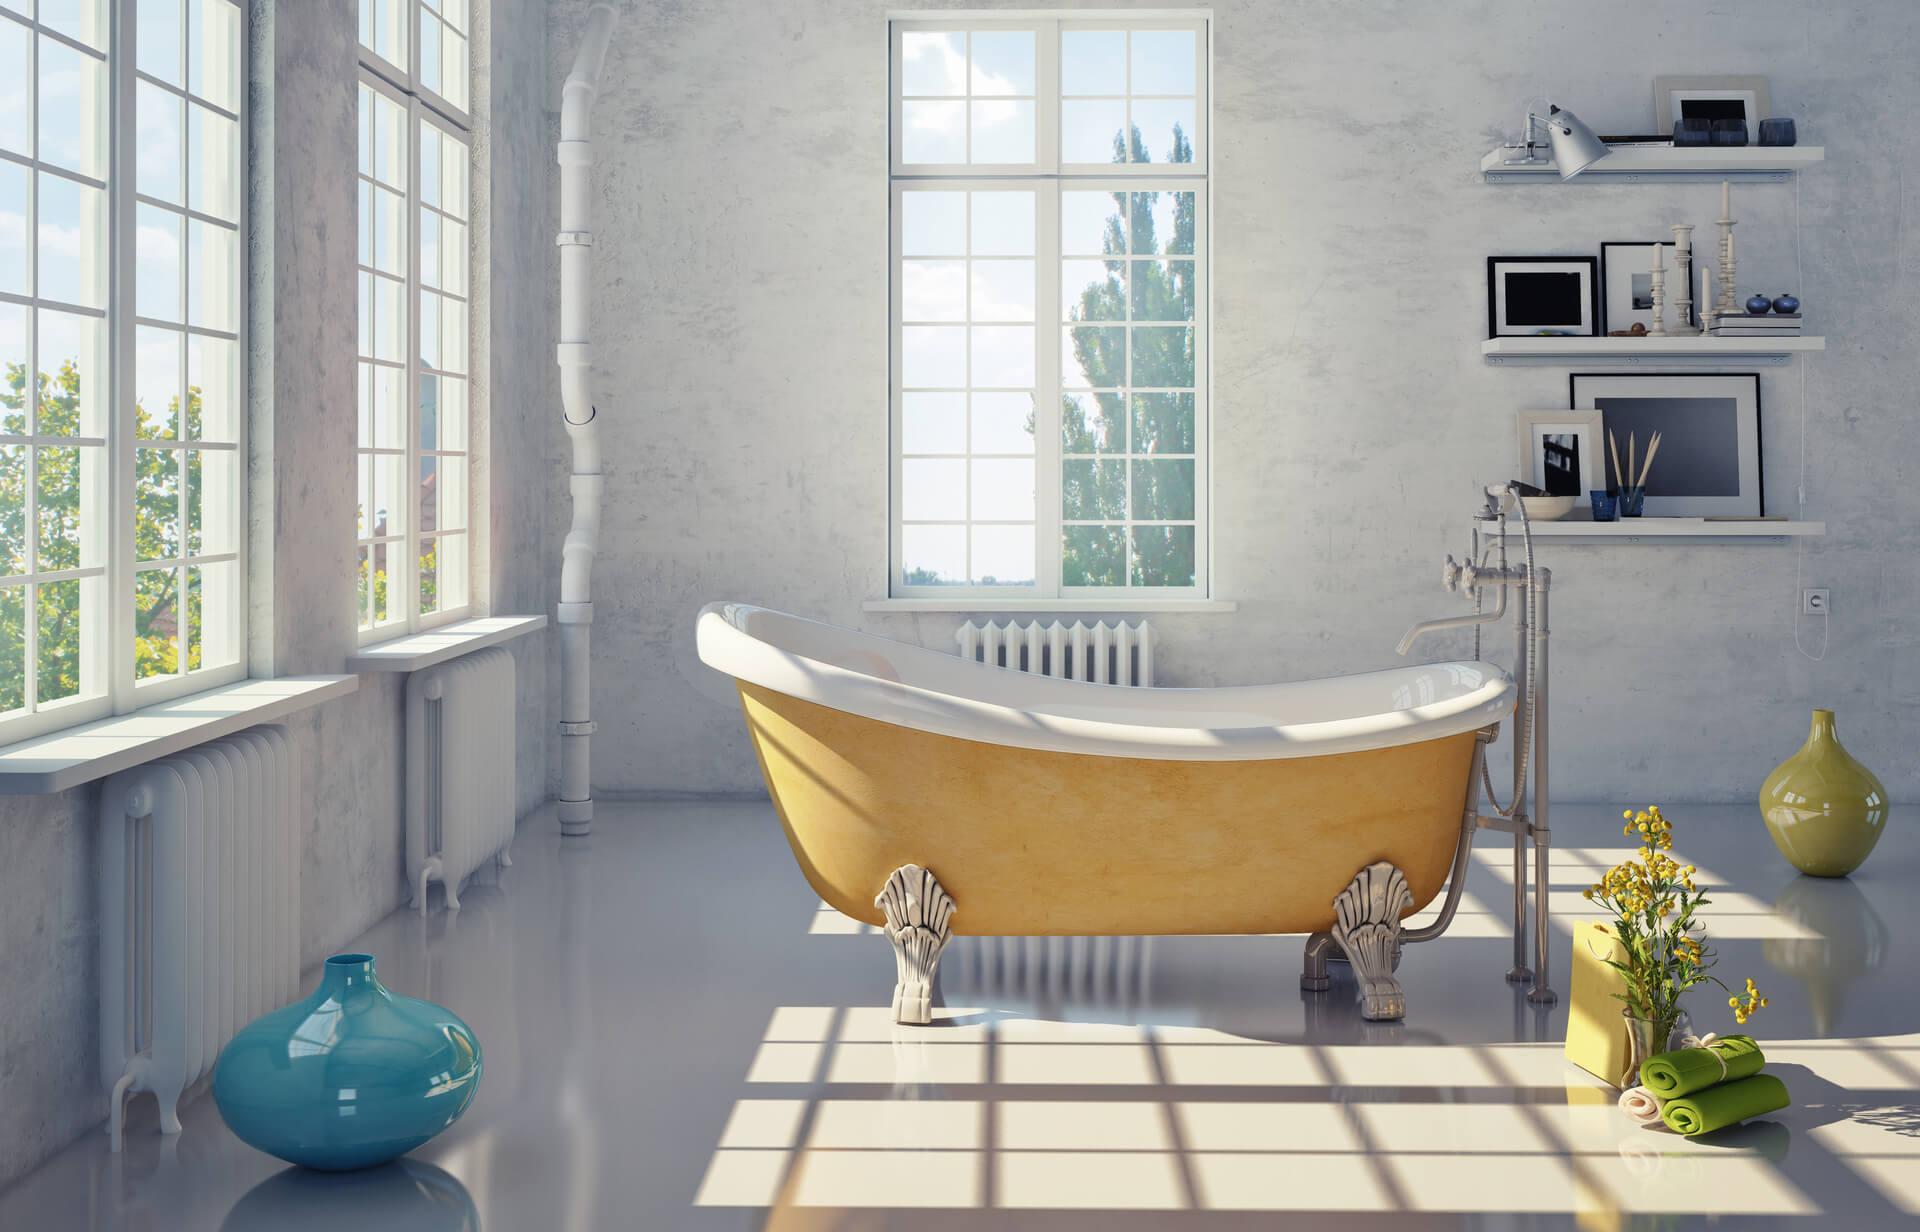 כלים סנטרים וארונות אמבטיה 5